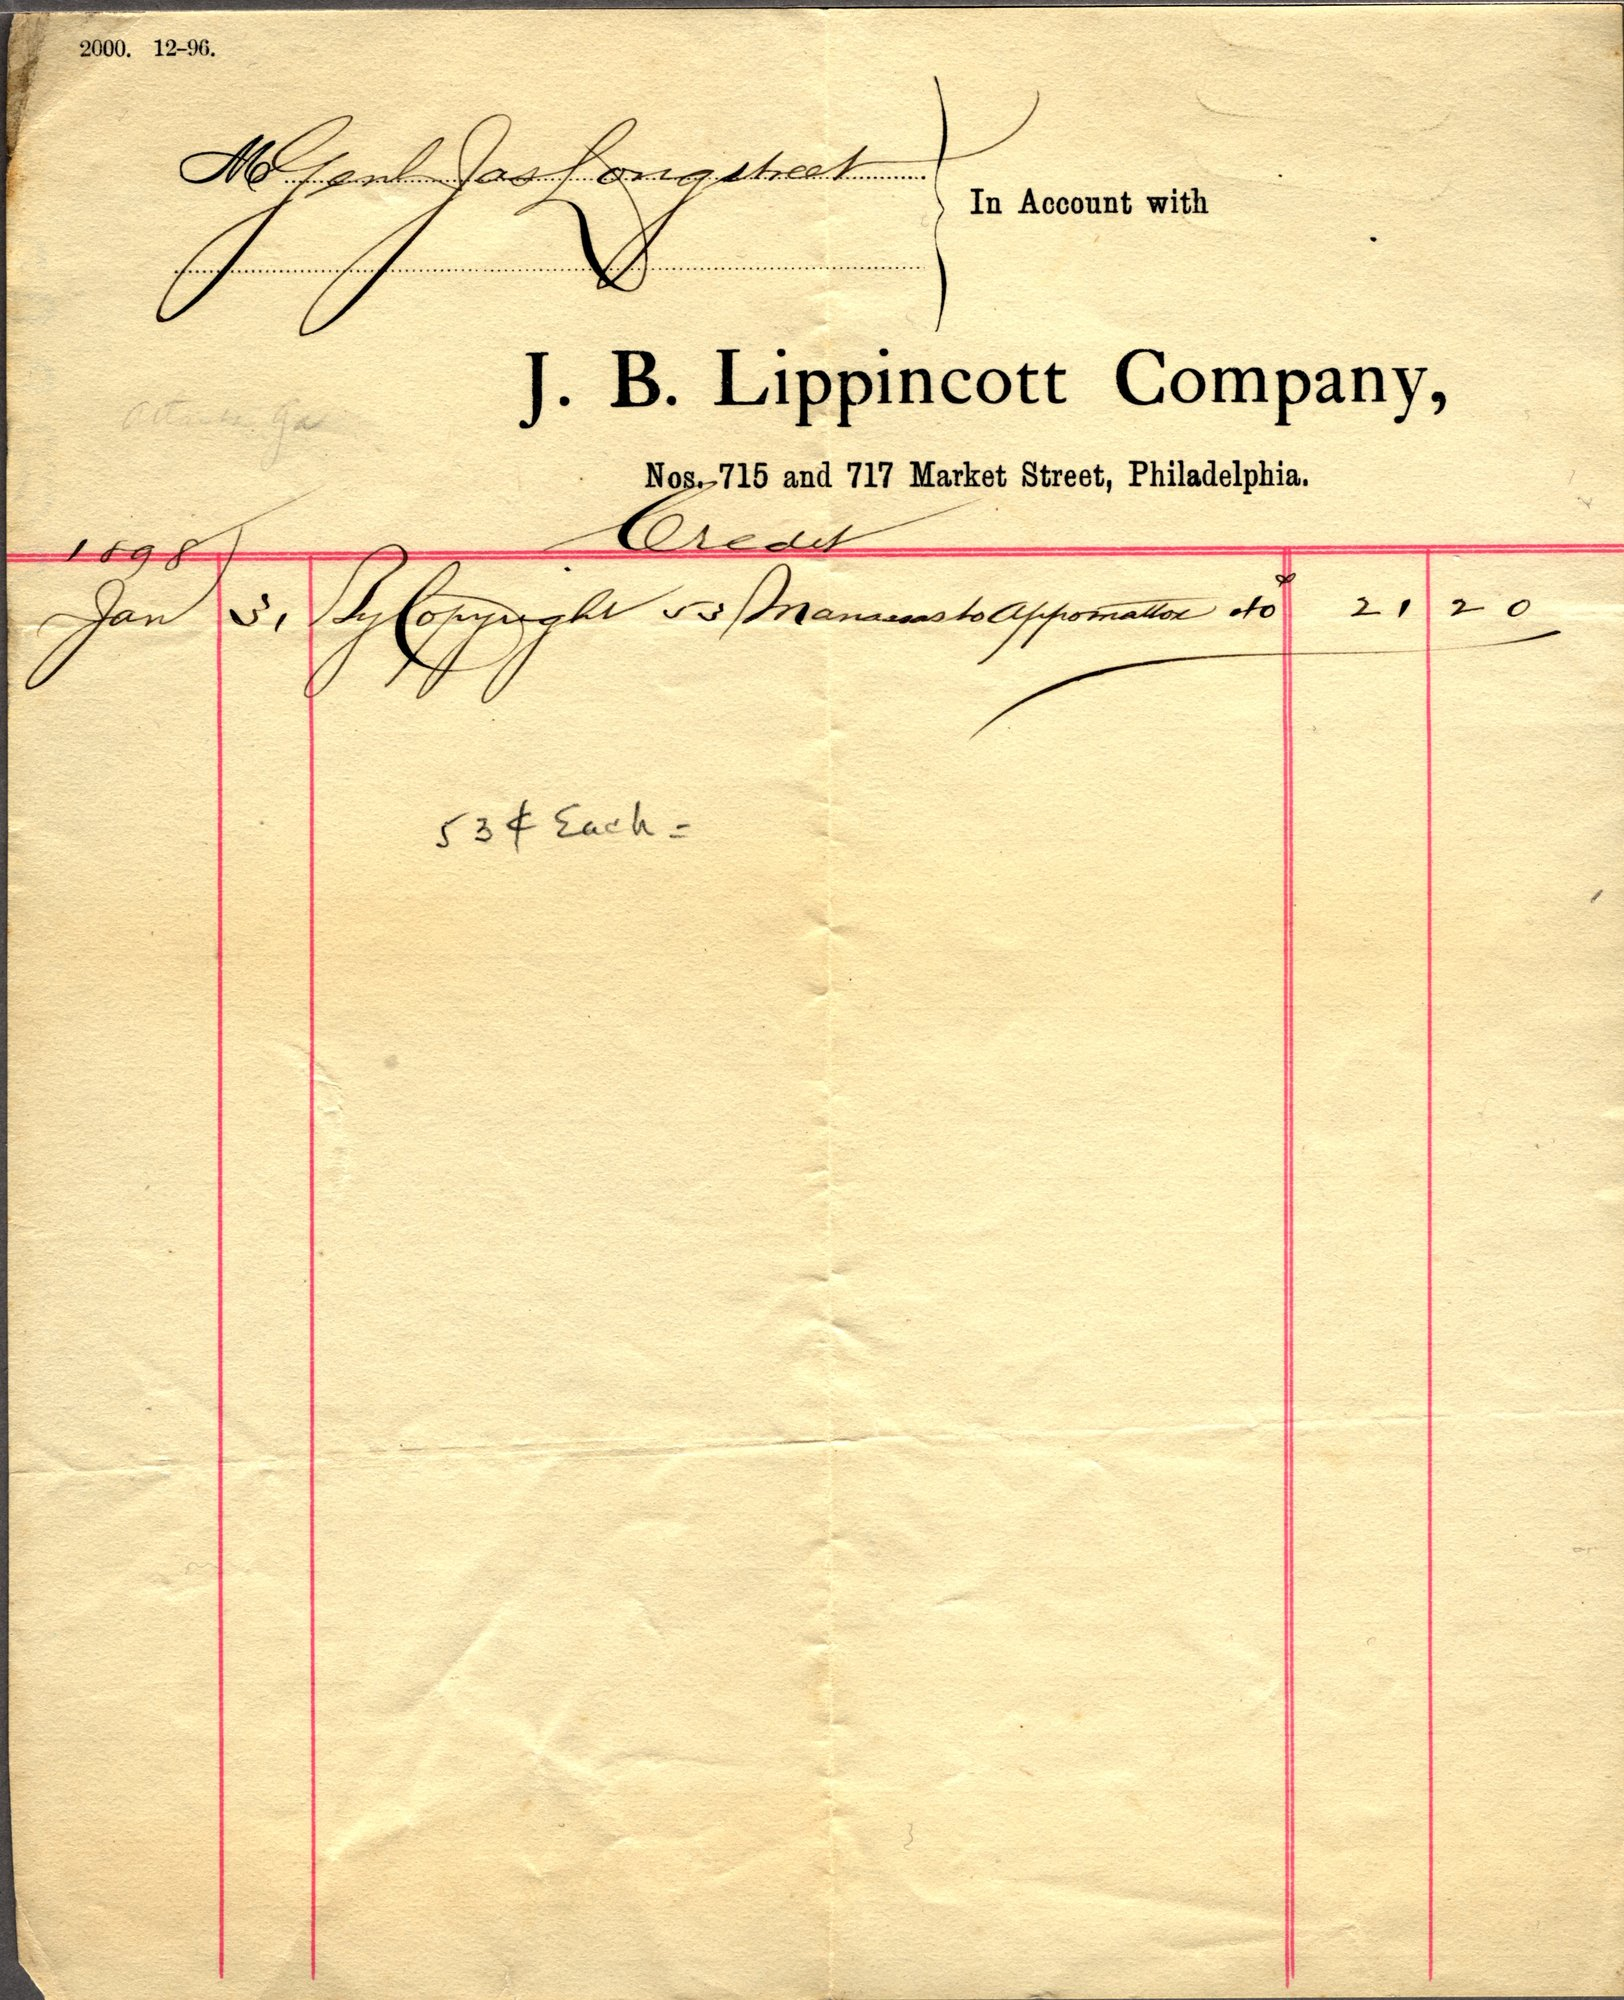 Ms1993_003_Longstreet_James_1898_Lippincott_recpt.jpg